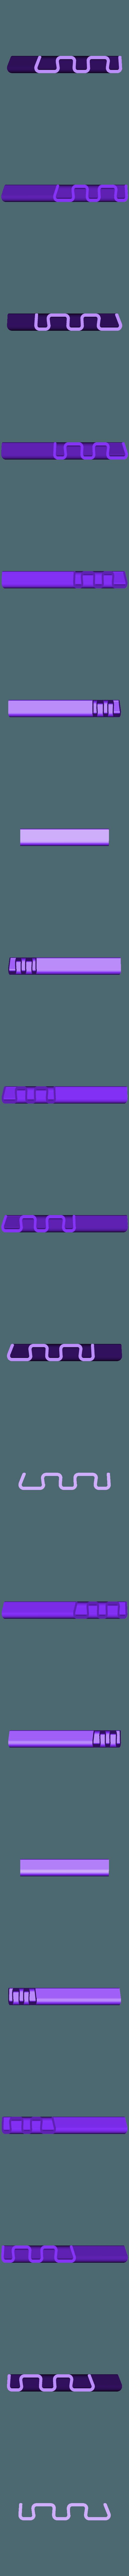 Squiggle_Stand_v1-5.STL Télécharger fichier STL gratuit Support pour comprimés Squiggle • Plan imprimable en 3D, WalterHsiao